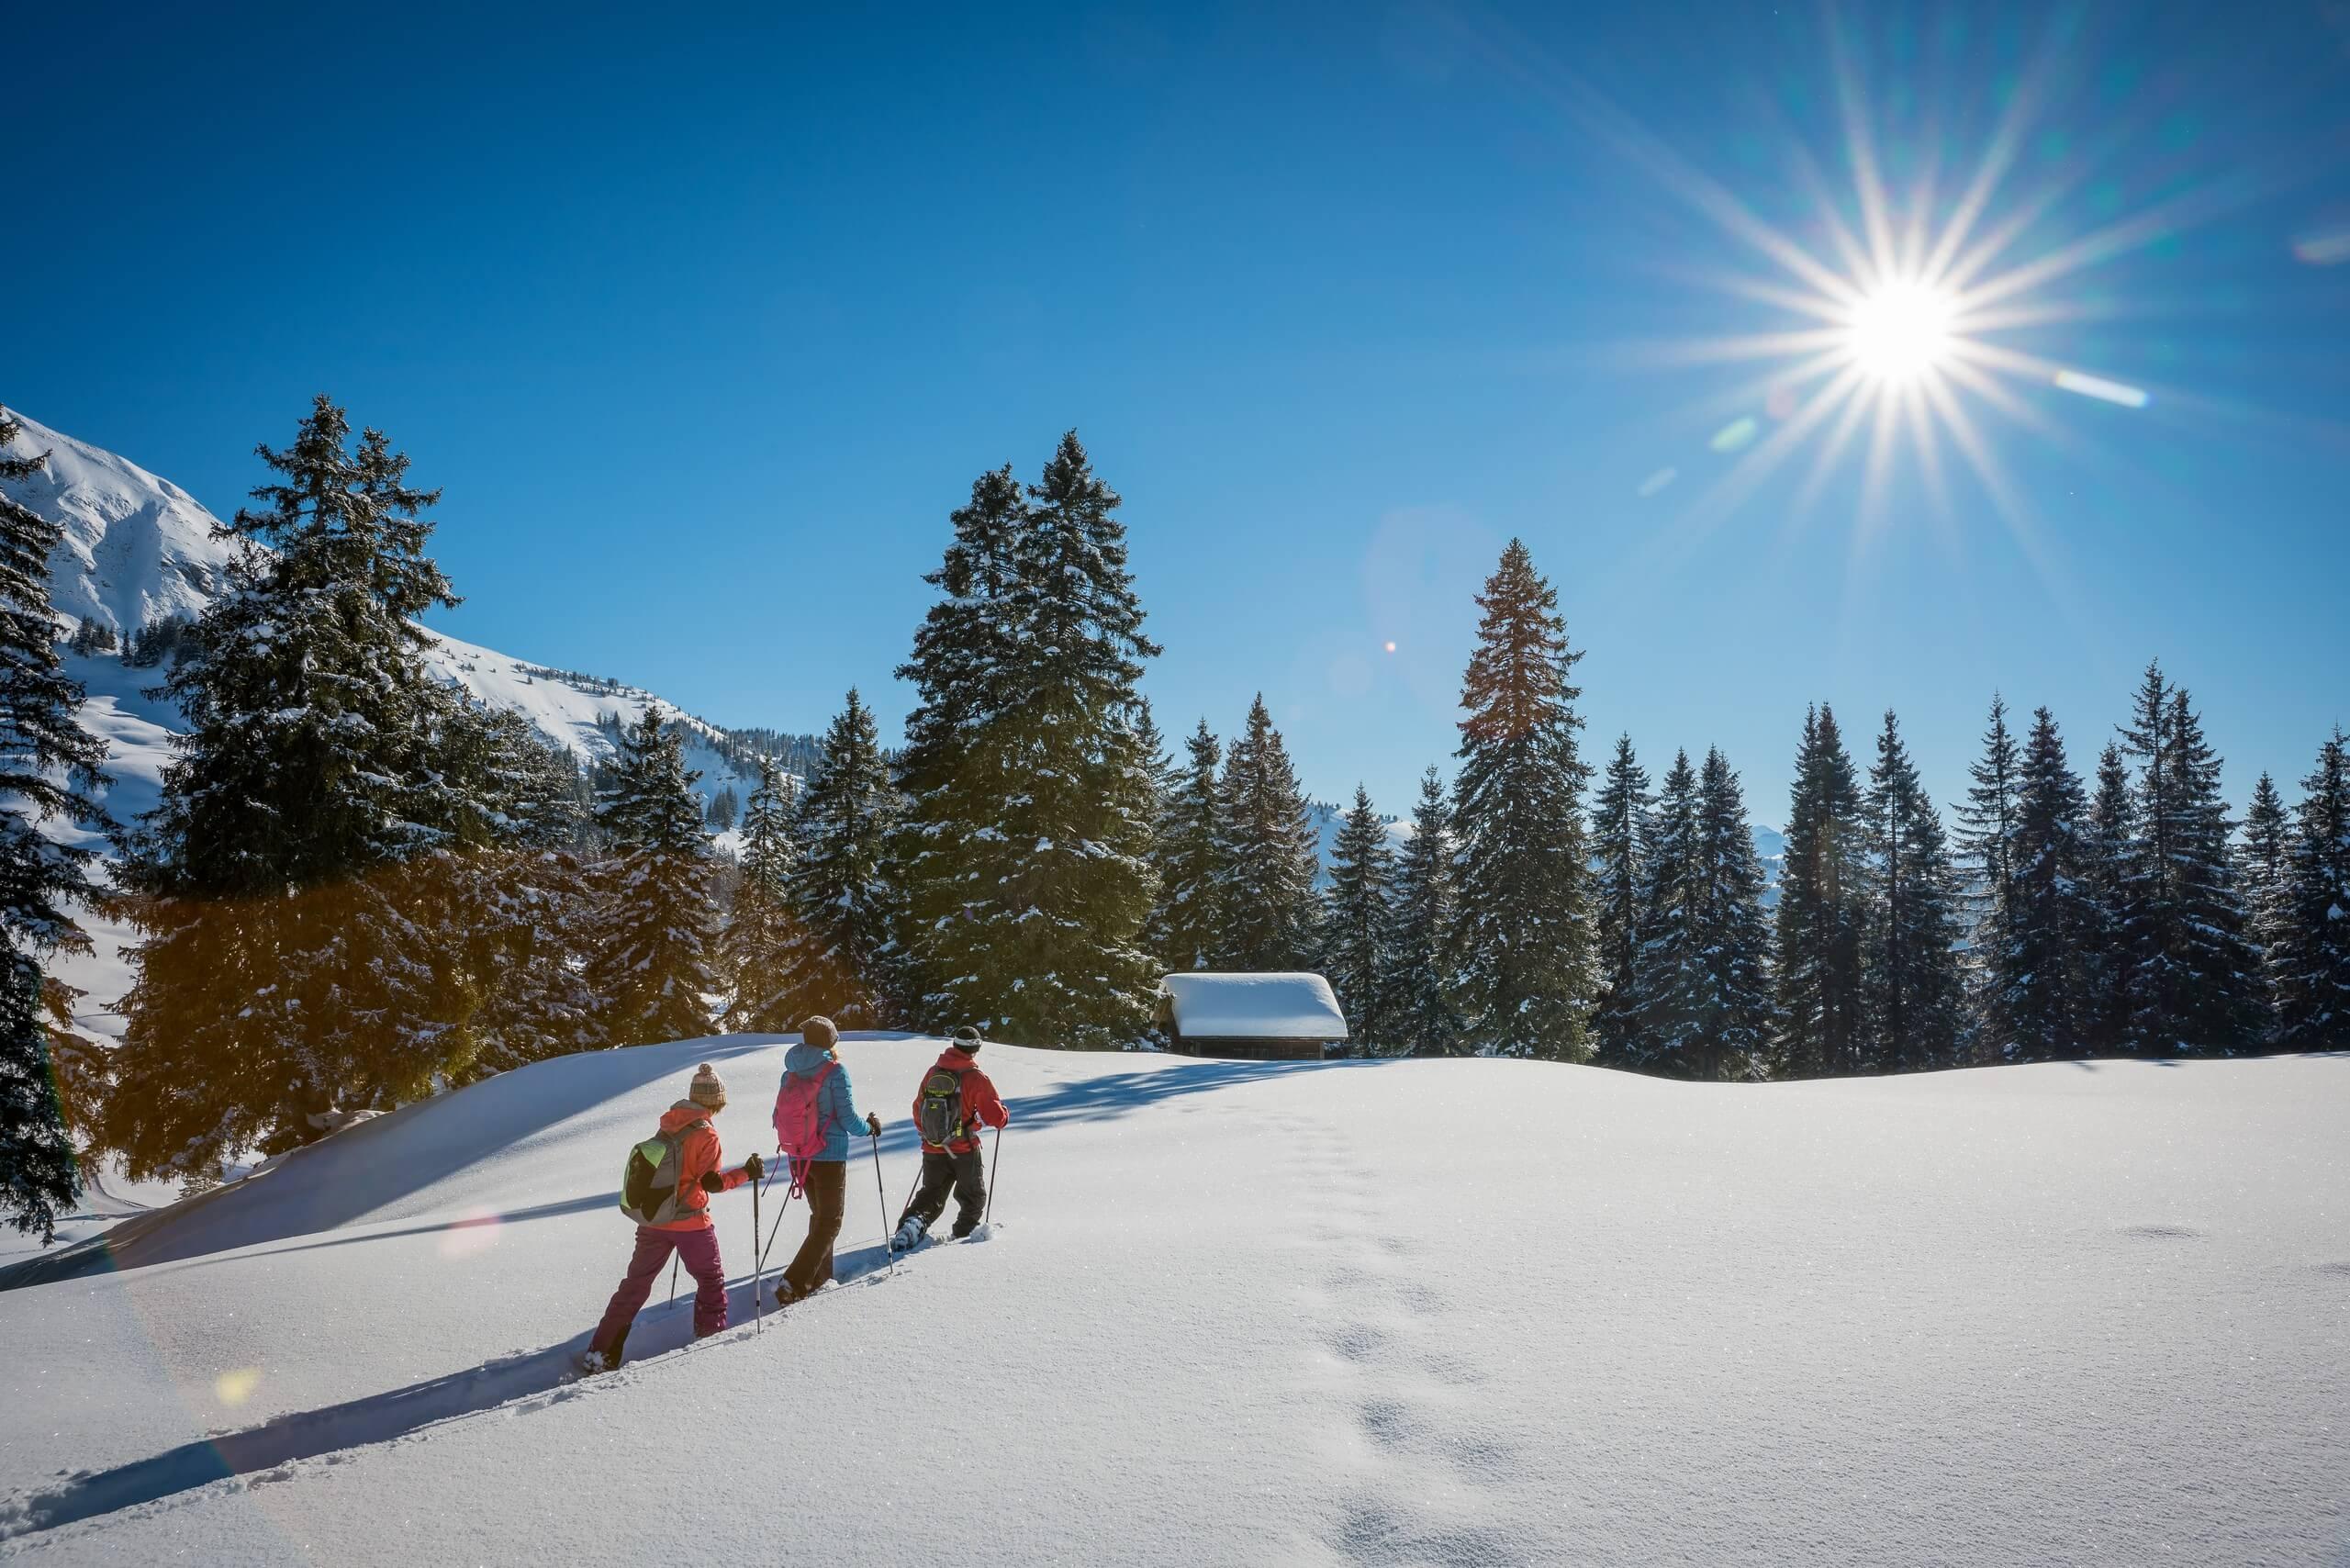 habkern-lombachalp-winter-schneeschuhlaufen-wald-h-ttli-soft-adventure